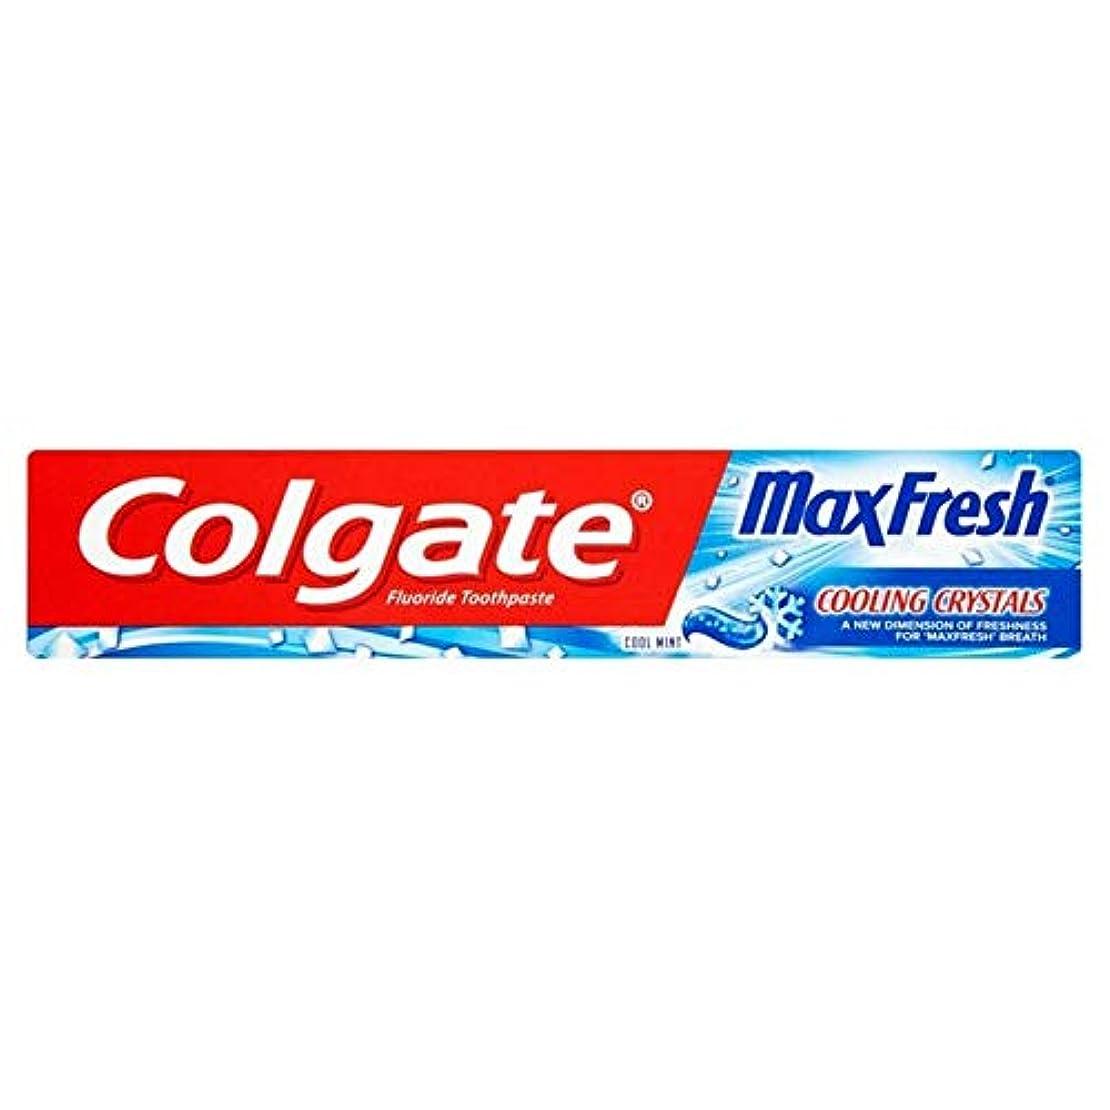 王族誤解する期限切れ[Colgate ] 冷却結晶歯磨き粉75ミリリットル新鮮なコルゲートマックス - Colgate Max Fresh with Cooling Crystals Toothpaste 75ml [並行輸入品]